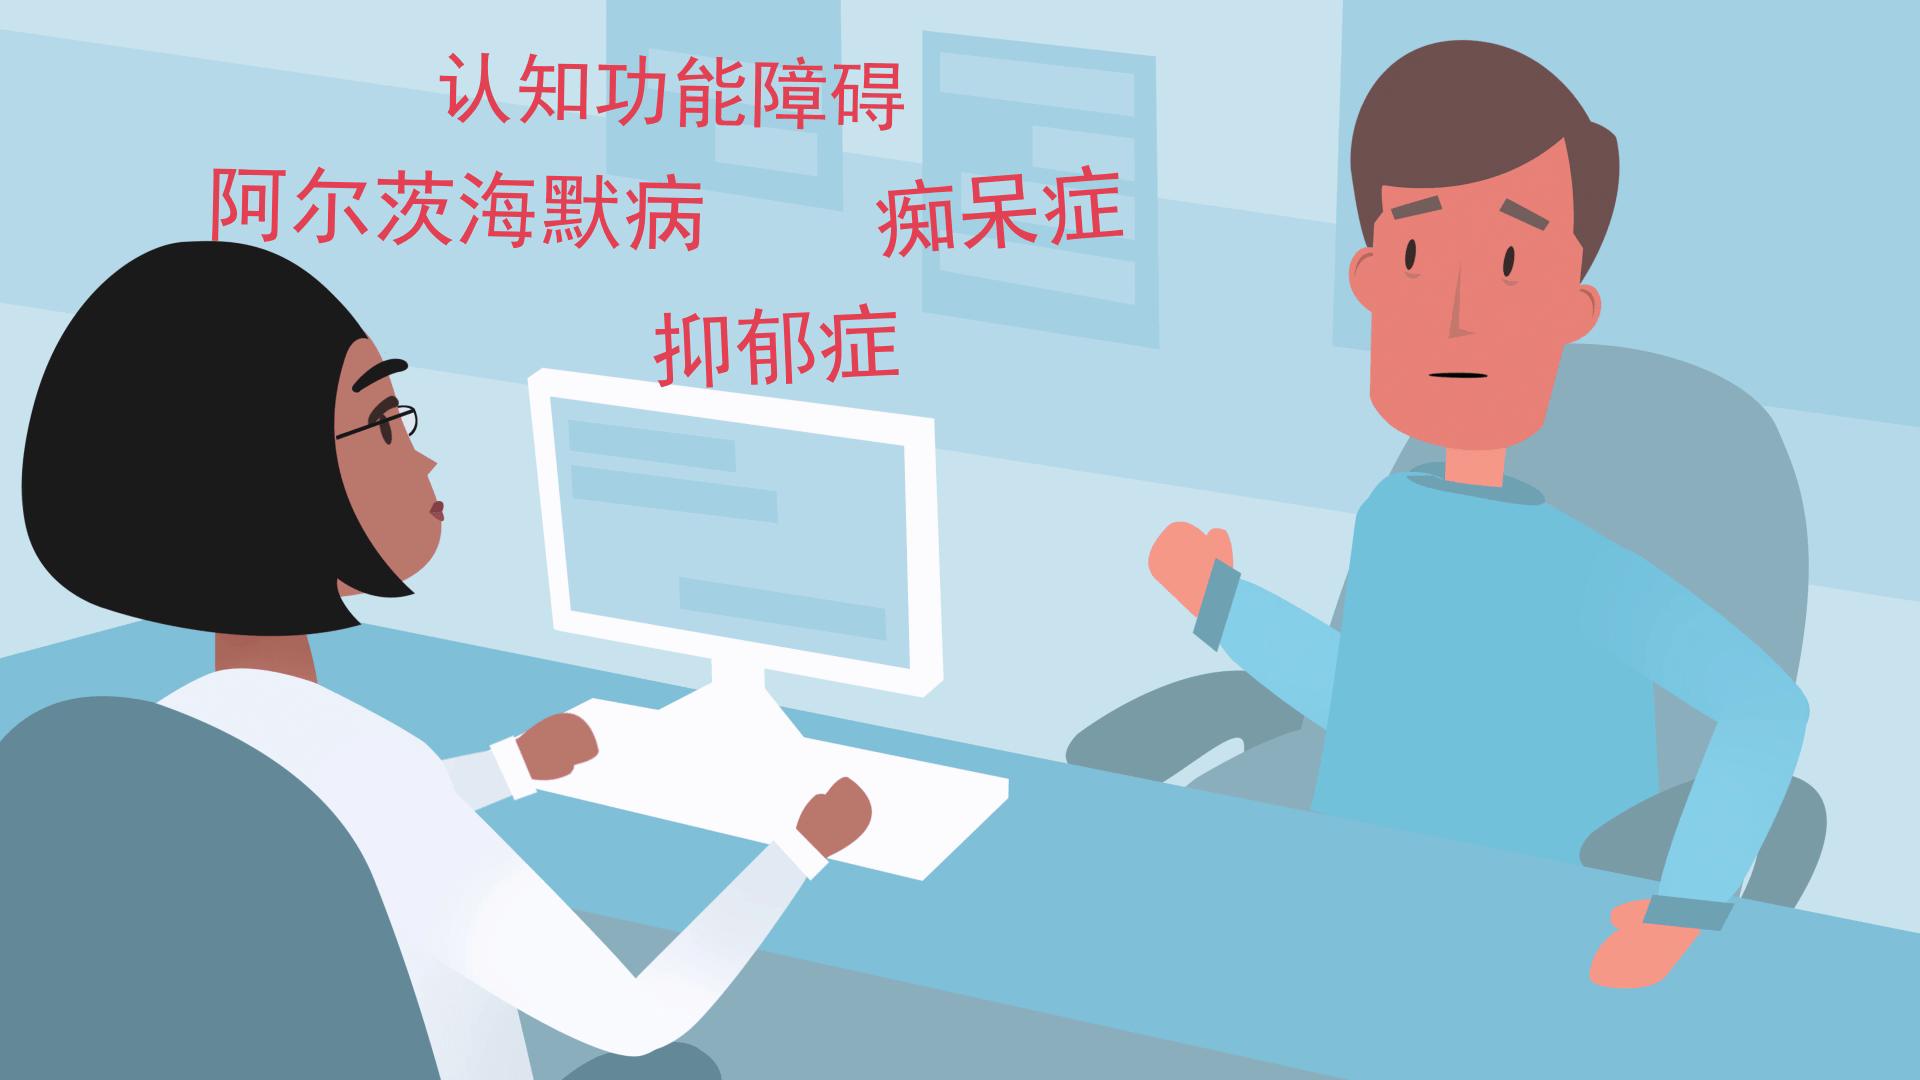 סרט תדמית עבור חברת Elminda בשפה הסינית